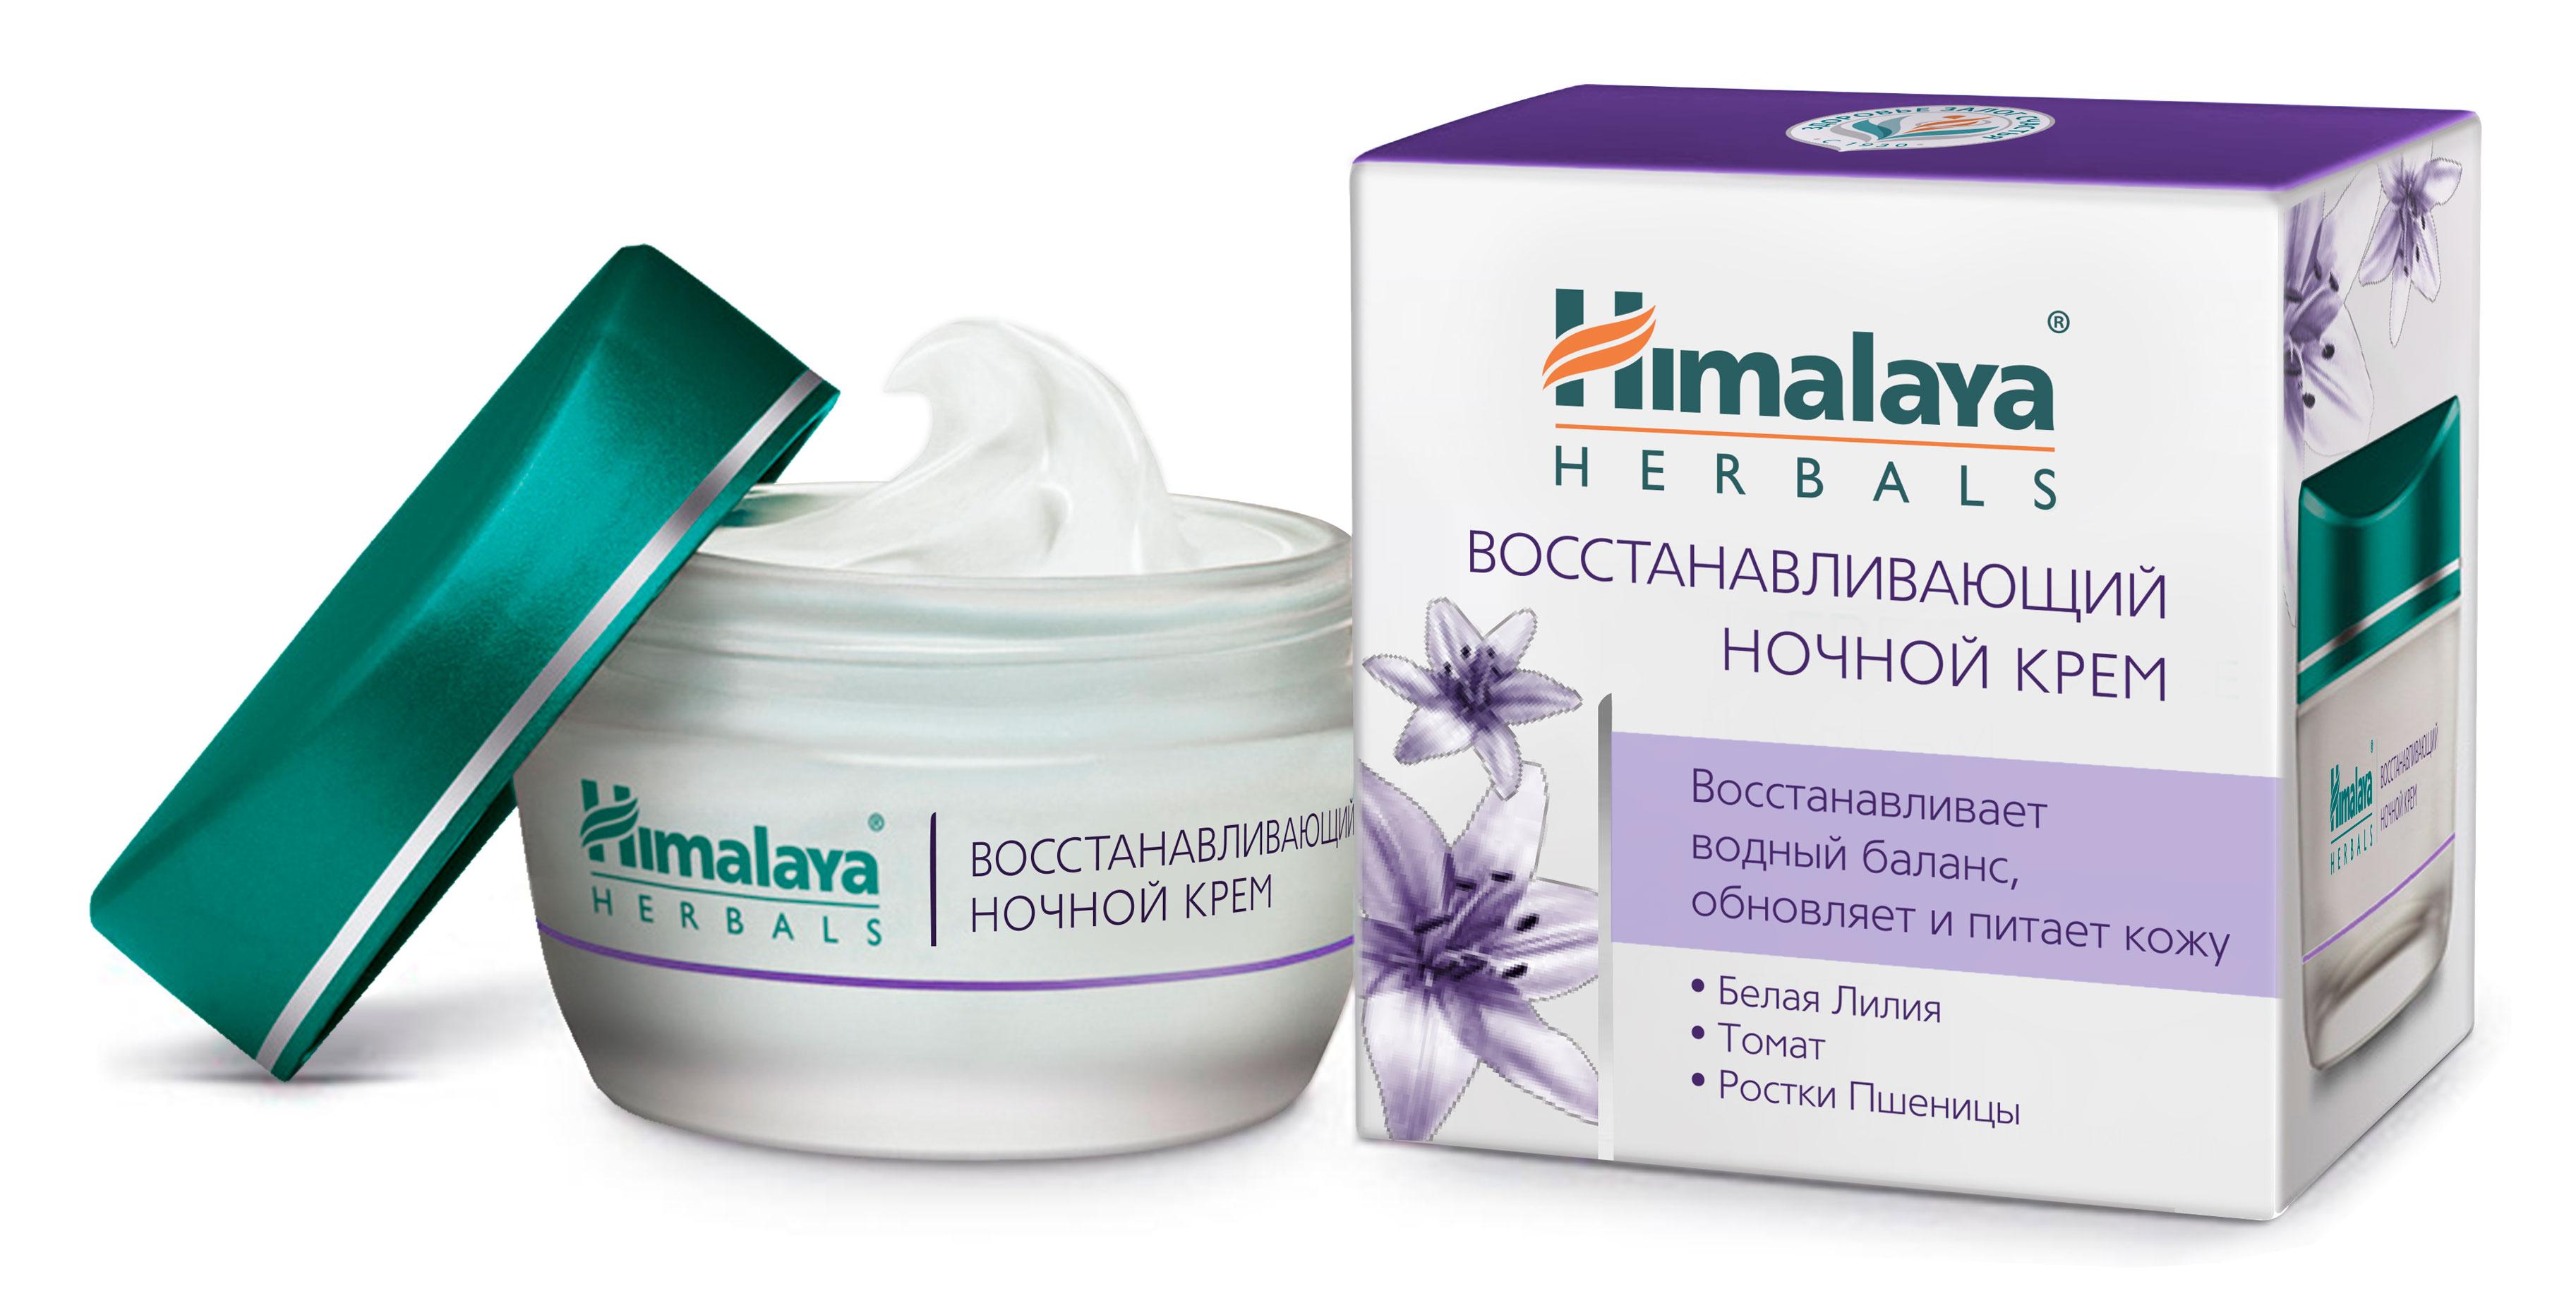 Himalaya Herbals Восстанавливающий ночной крем 50 г ректификованный спирт купить г е